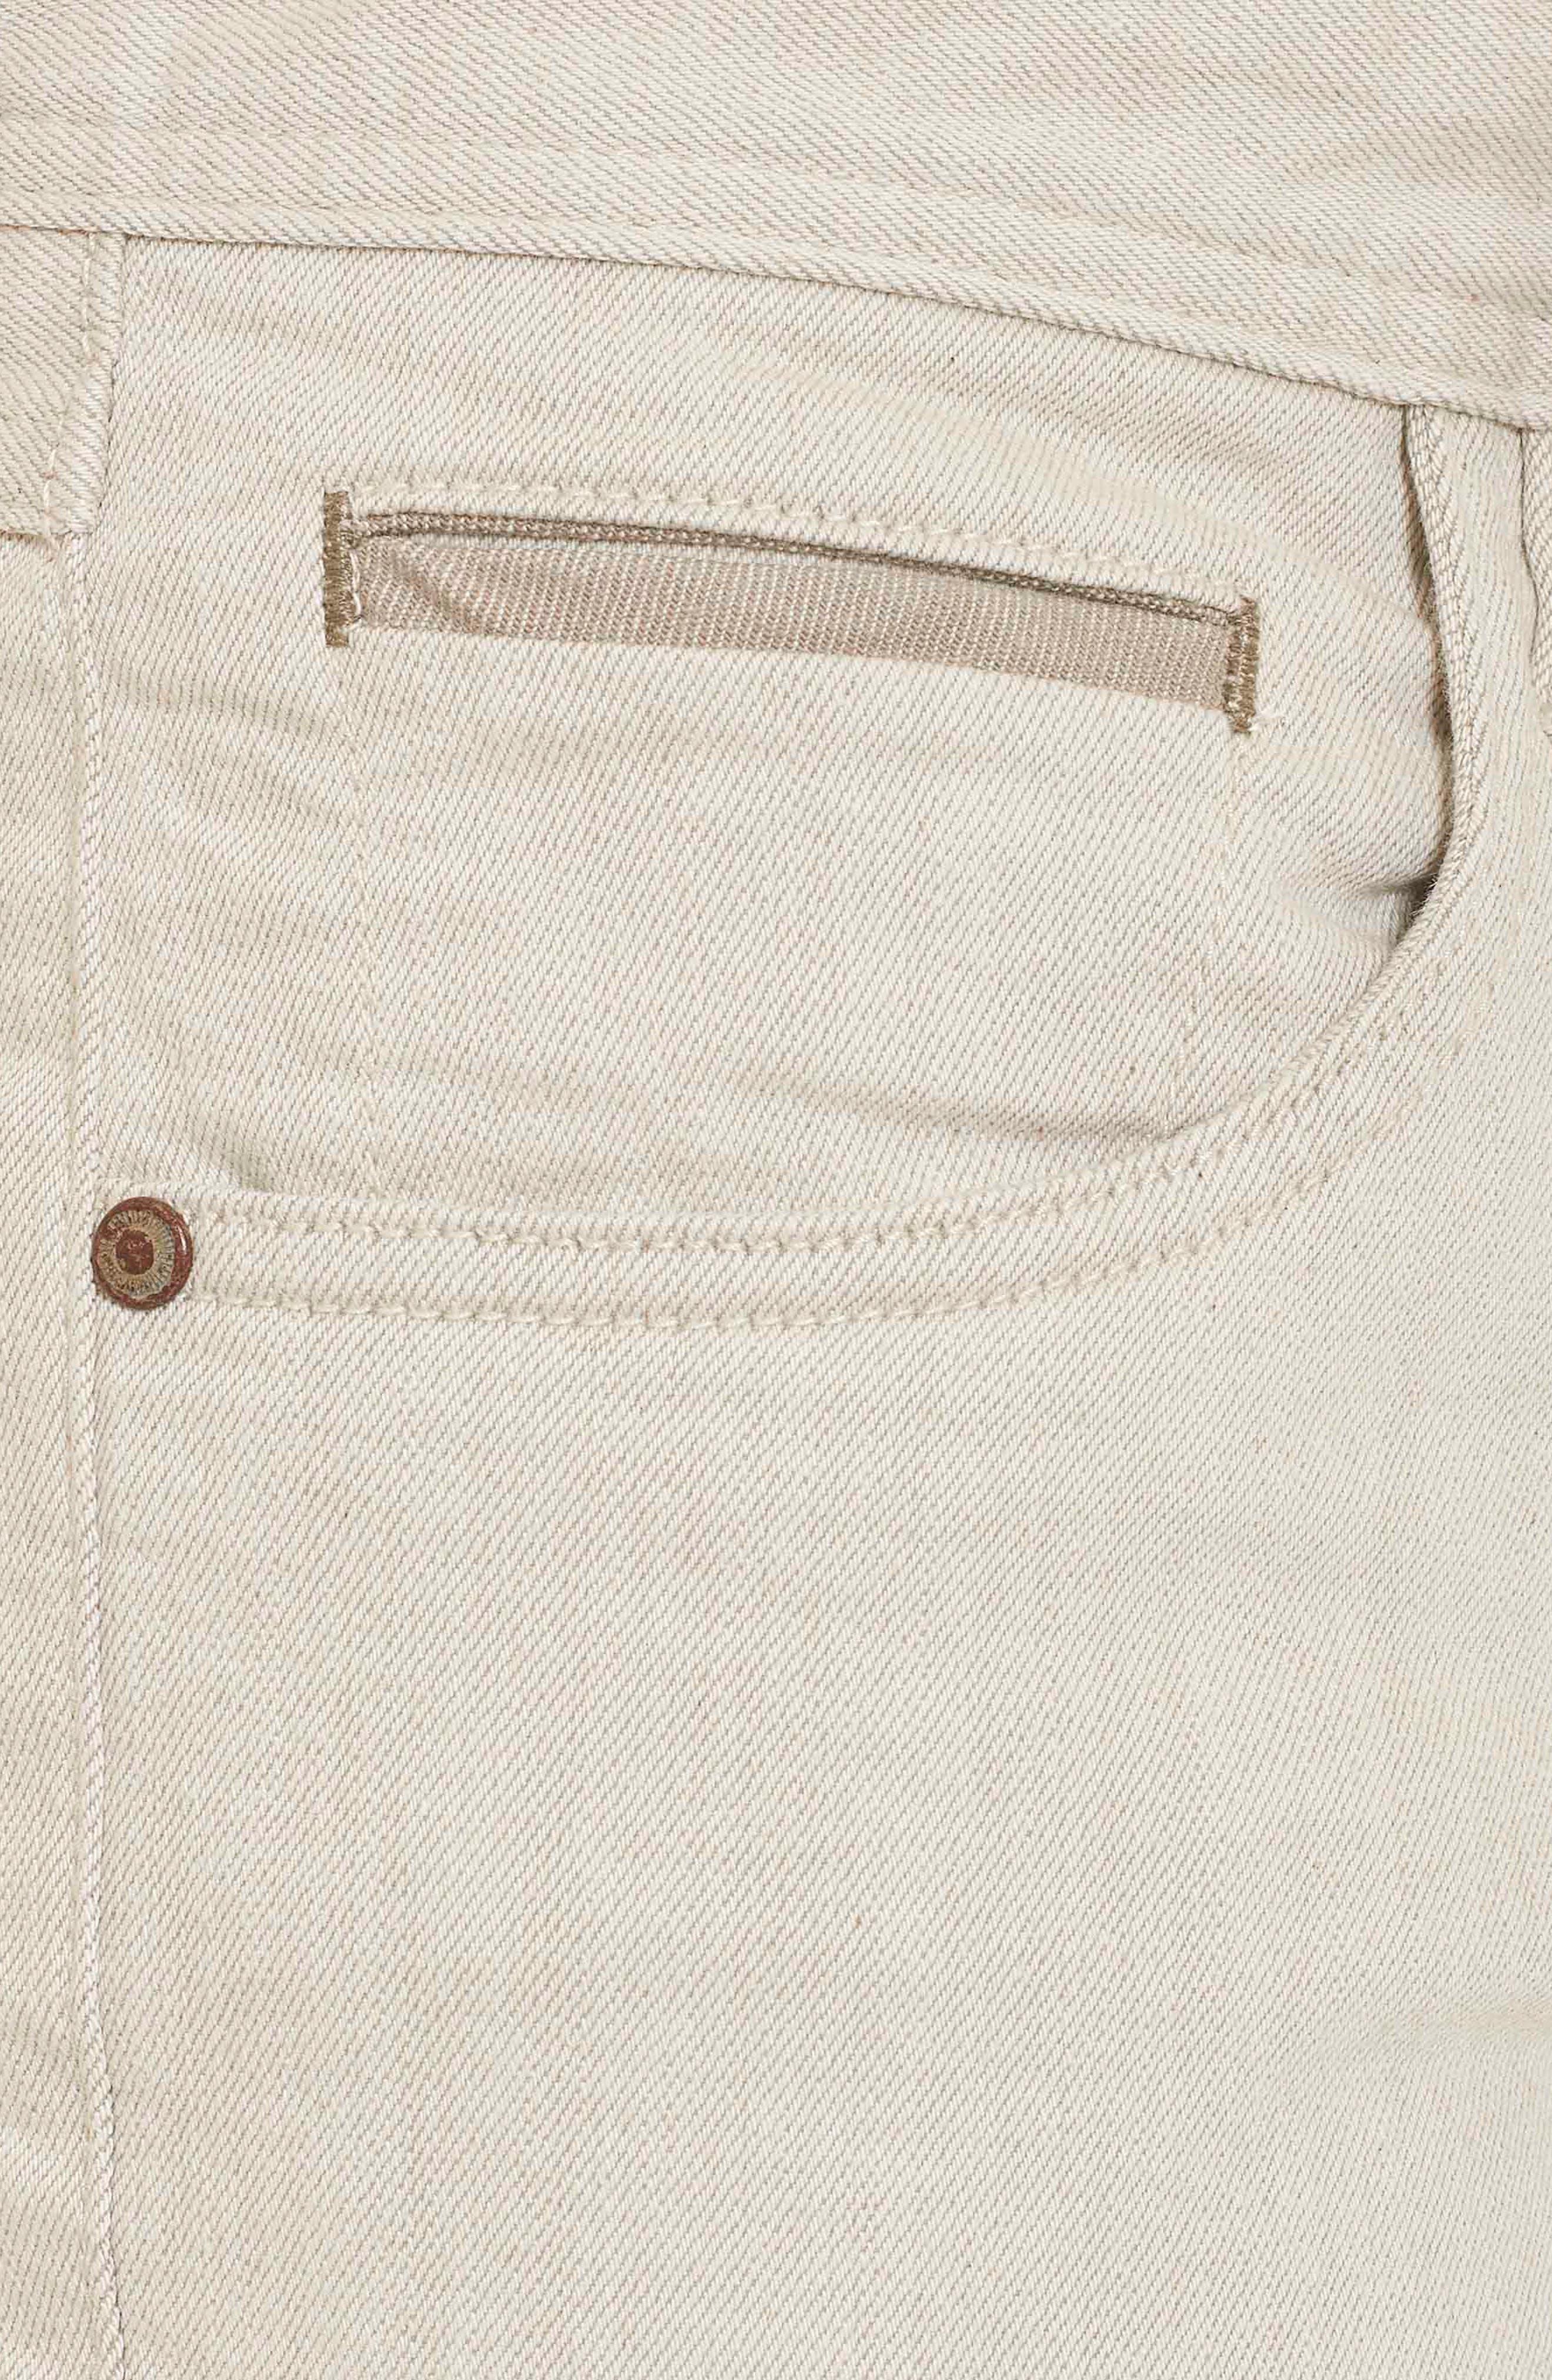 Gonzales Jeans,                             Alternate thumbnail 4, color,                             020